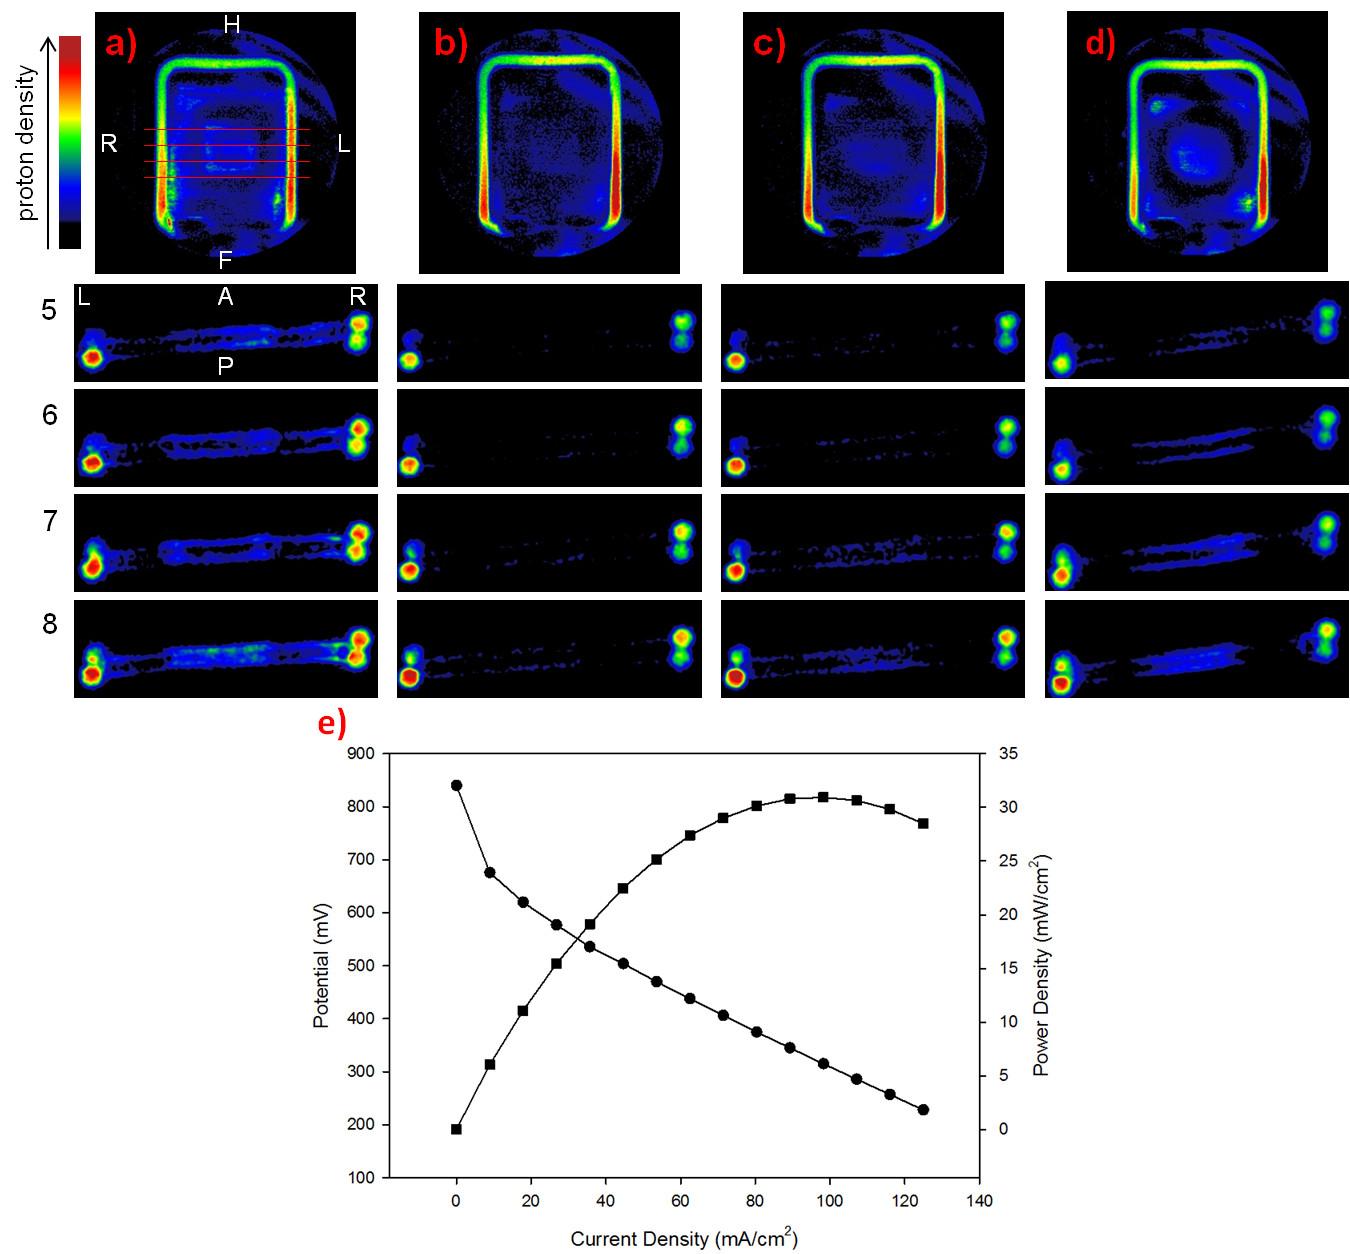 Microimmagini funzionali in condizioni operando di una membrana a base di polibenzimidazolo durante in funzionamento in cella a combustibile